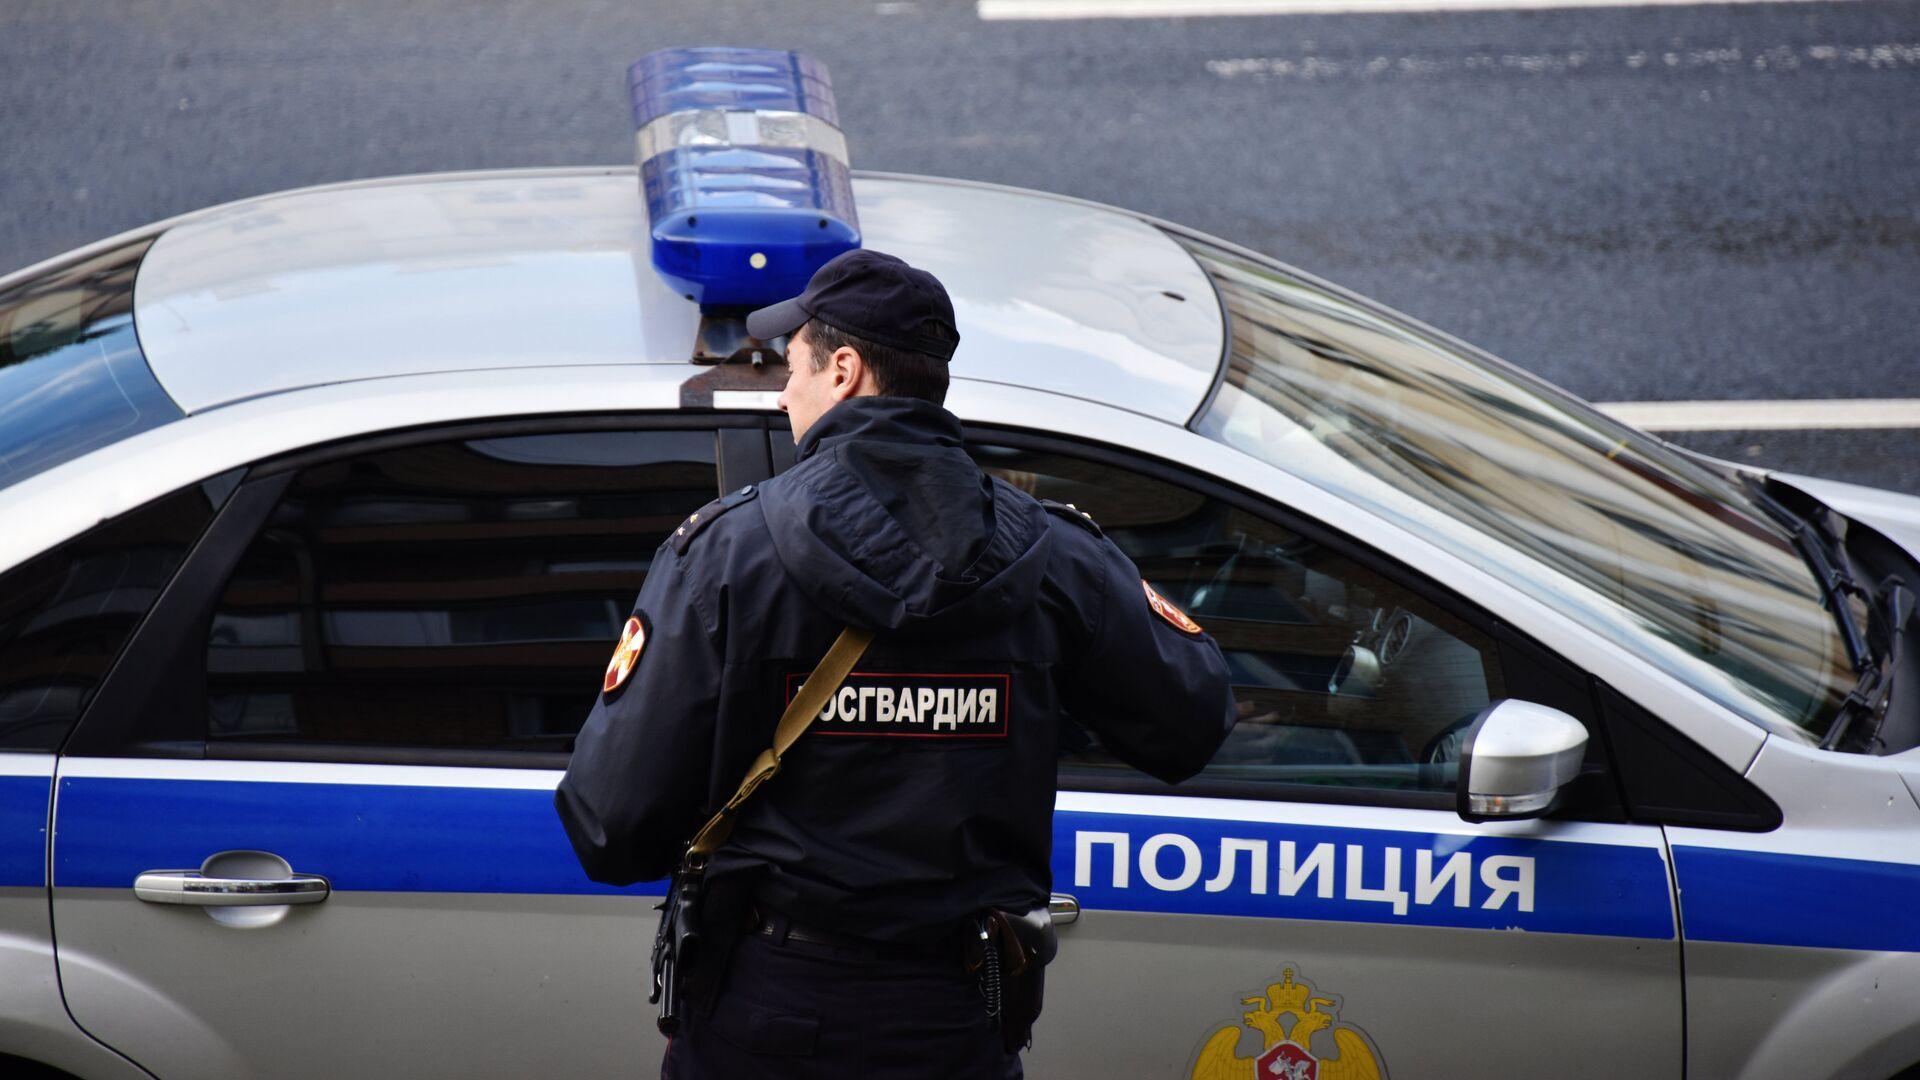 Автомобиль полиции - РИА Новости, 1920, 16.09.2020